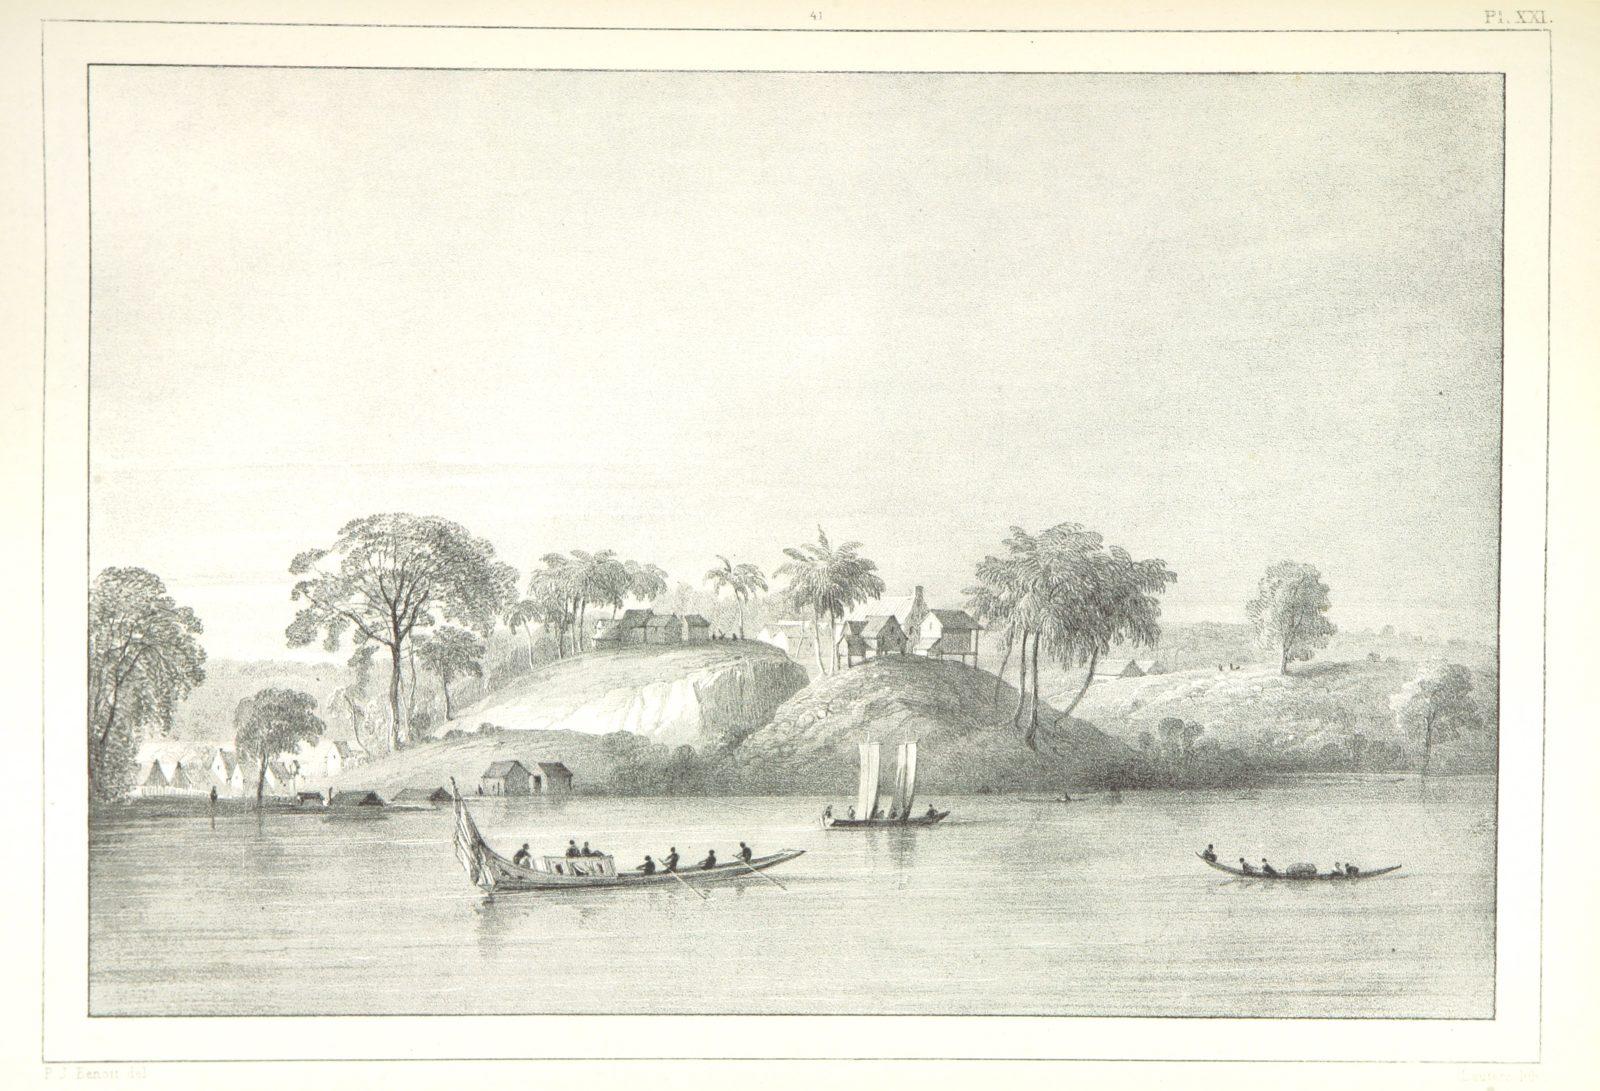 """Suriname from """"Kolonisatie van Europeanen te Suriname. Opheffing van het pauperisme, ontwikkeling van handel en industrie, met ongeveer 90 platen"""""""